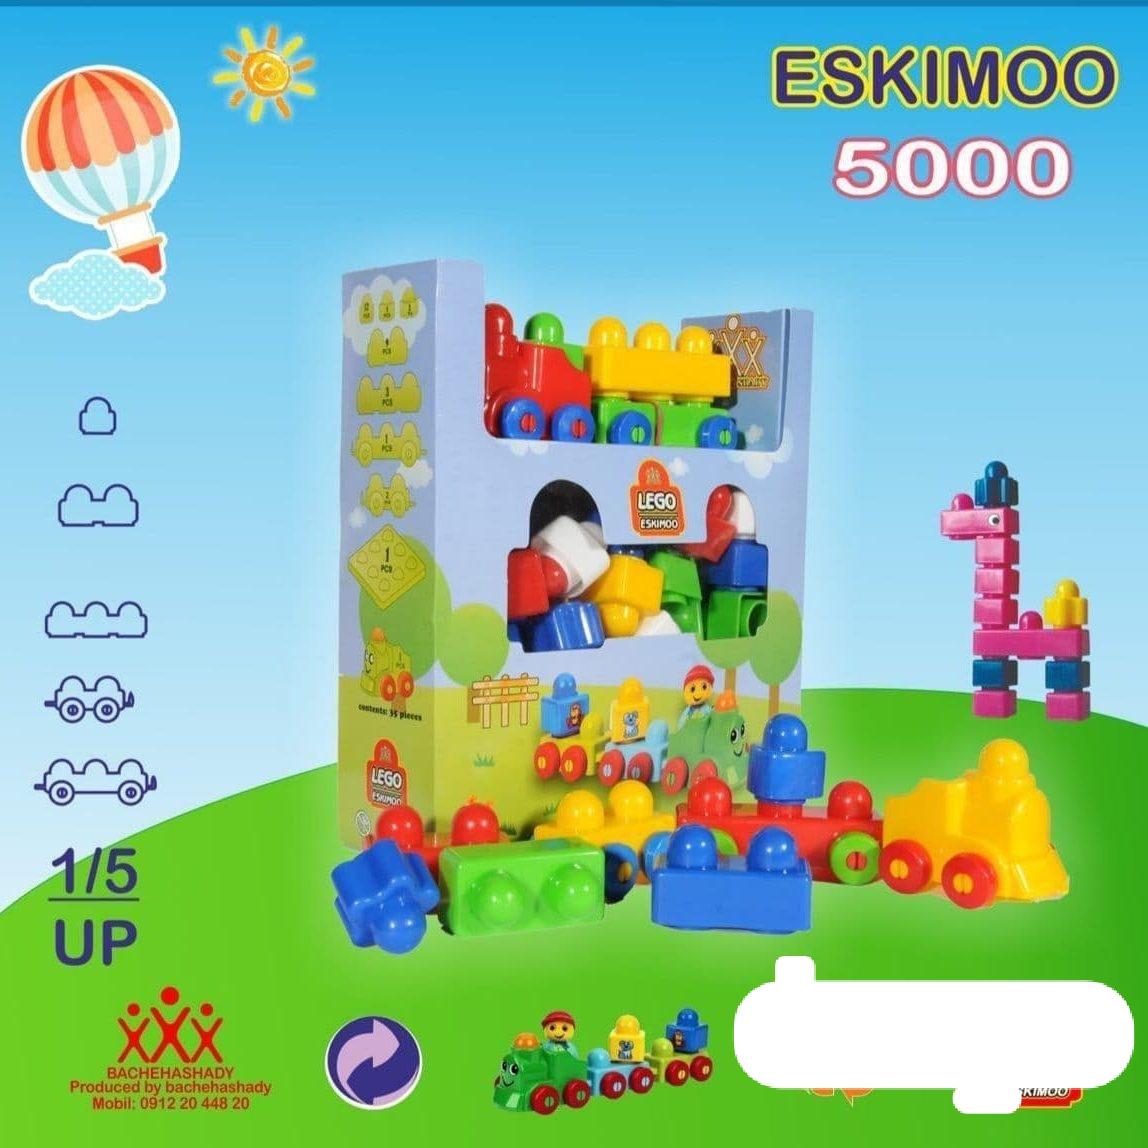 لگو5000 اسکیمو (52 قطعه)